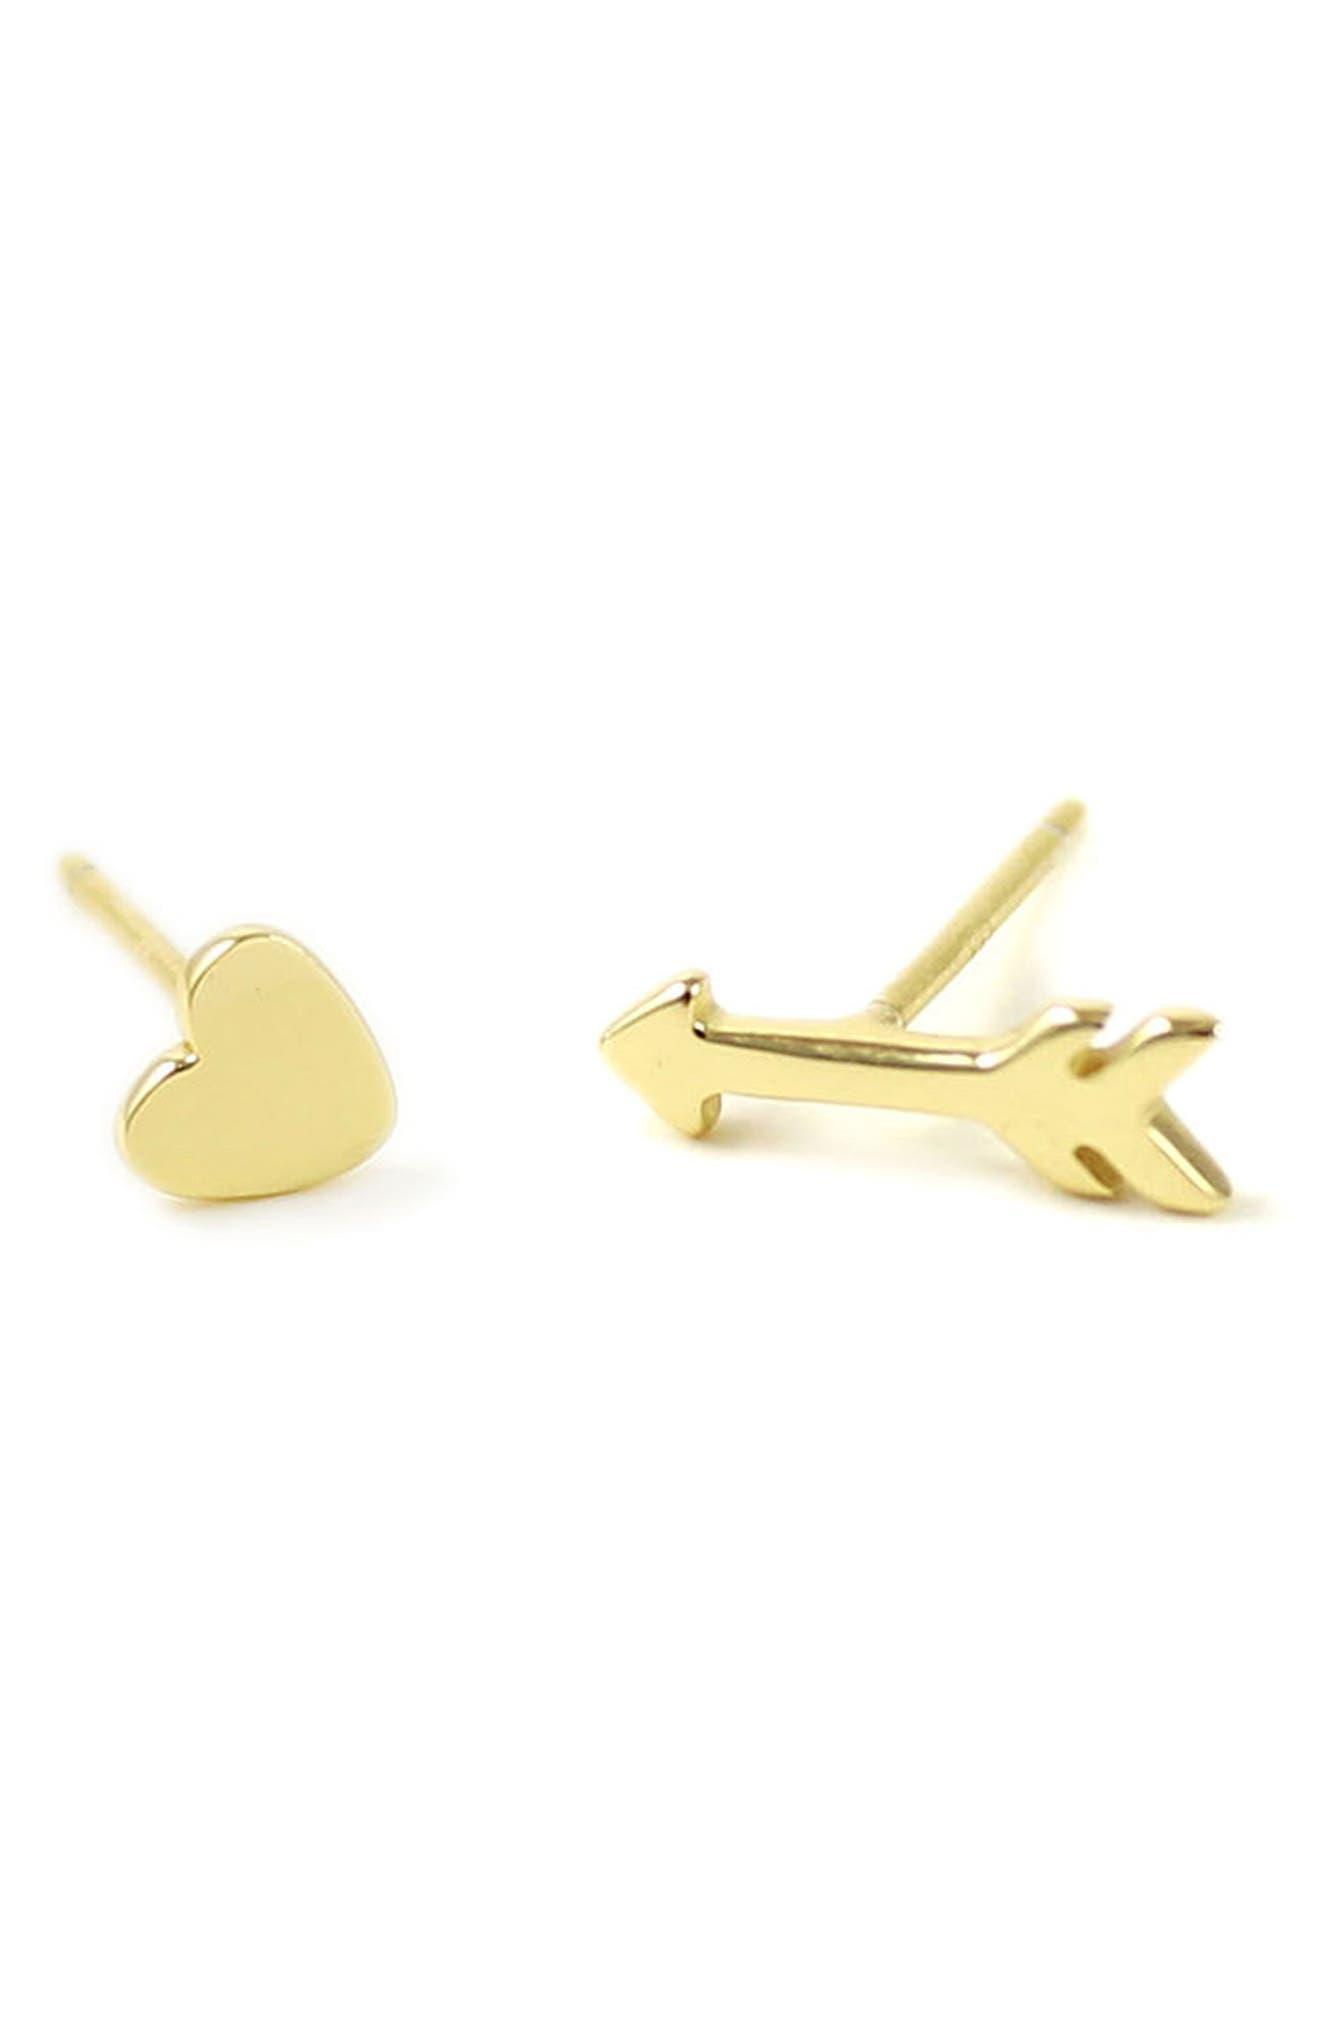 Kris Nations Heart & Arrow Stud Earrings